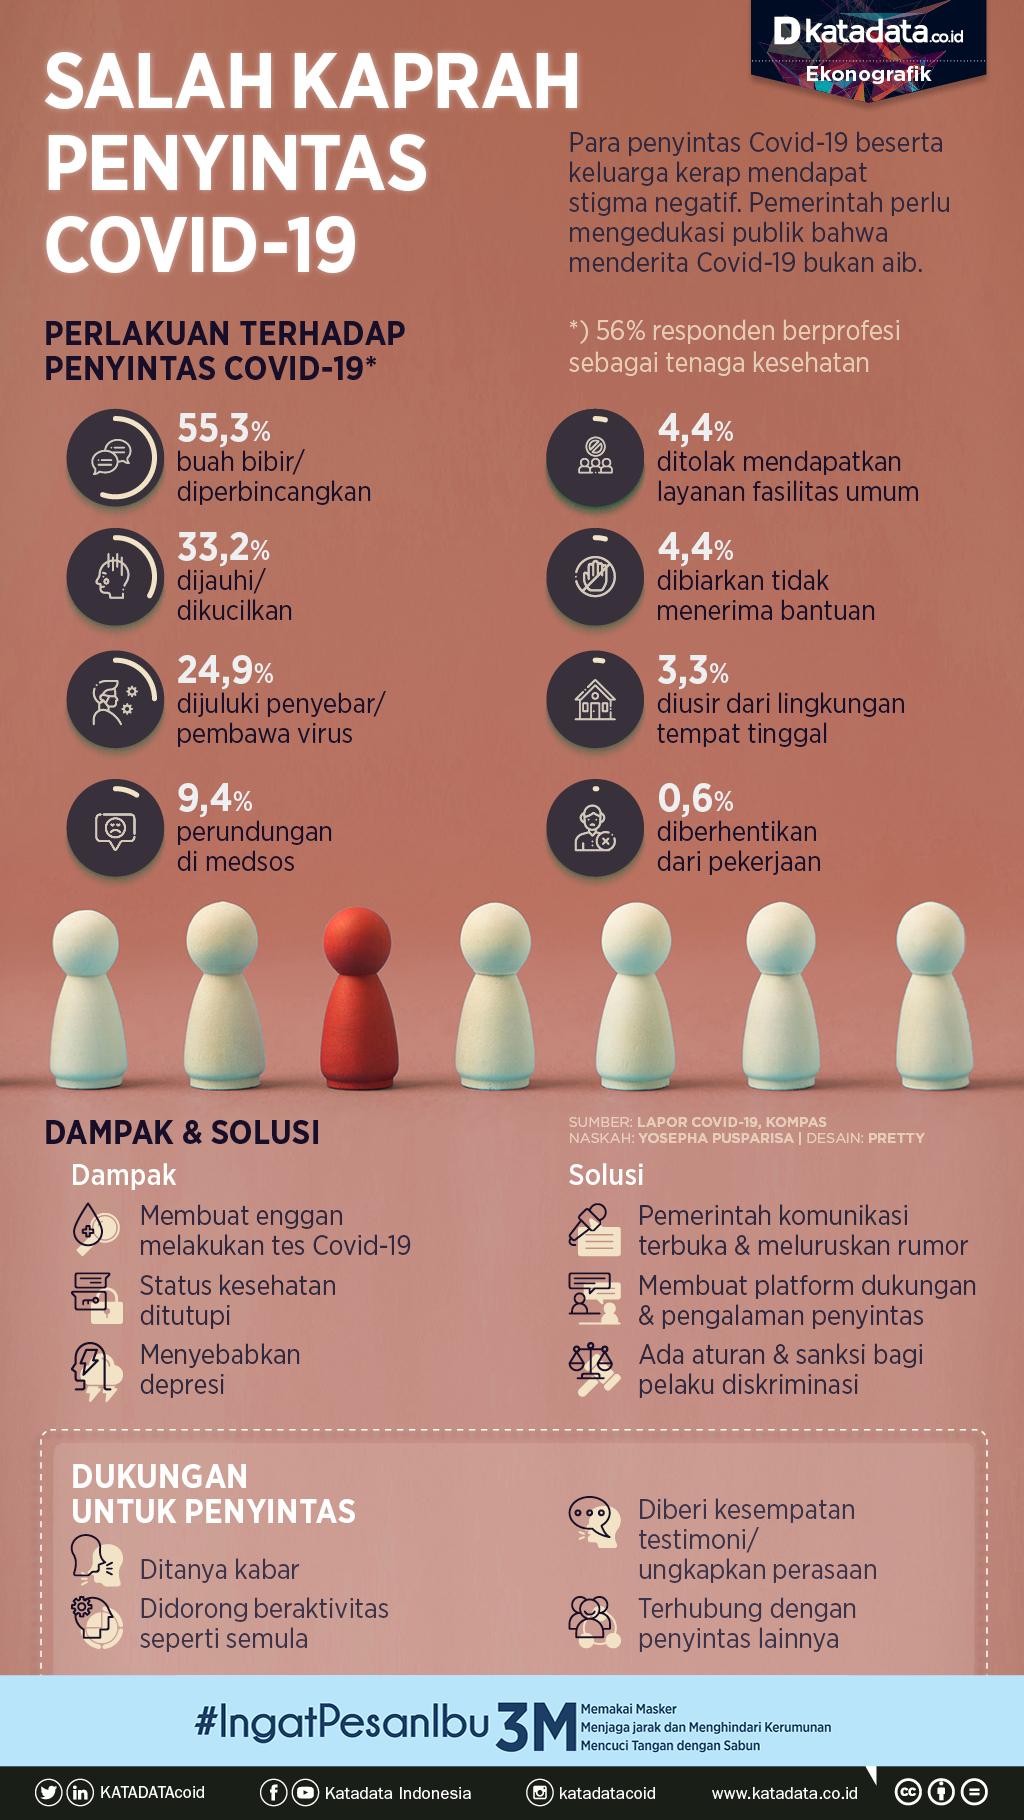 Infografik_Salah kaprah penyintas covid-19